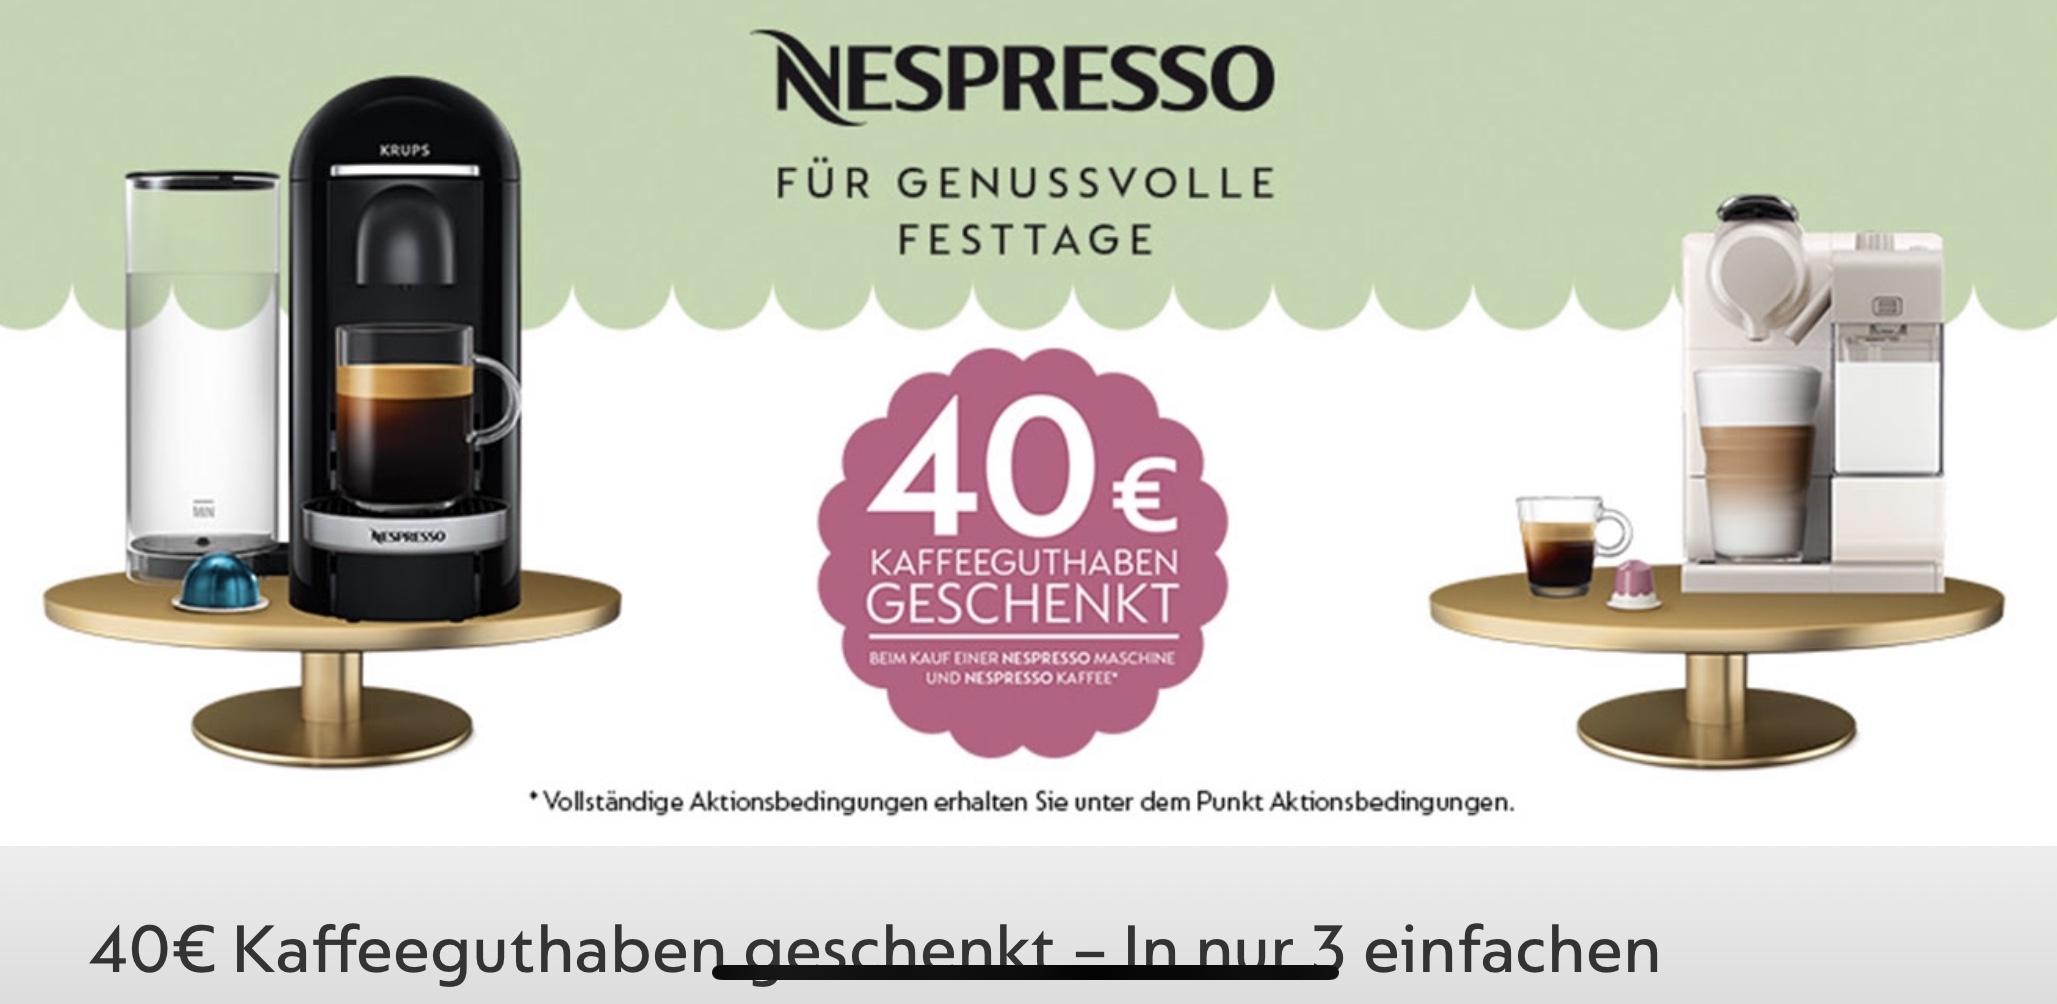 Nespresso Kapselmaschiene, Kaffe kaufen und 40€ Kapselguthaben bekommen.